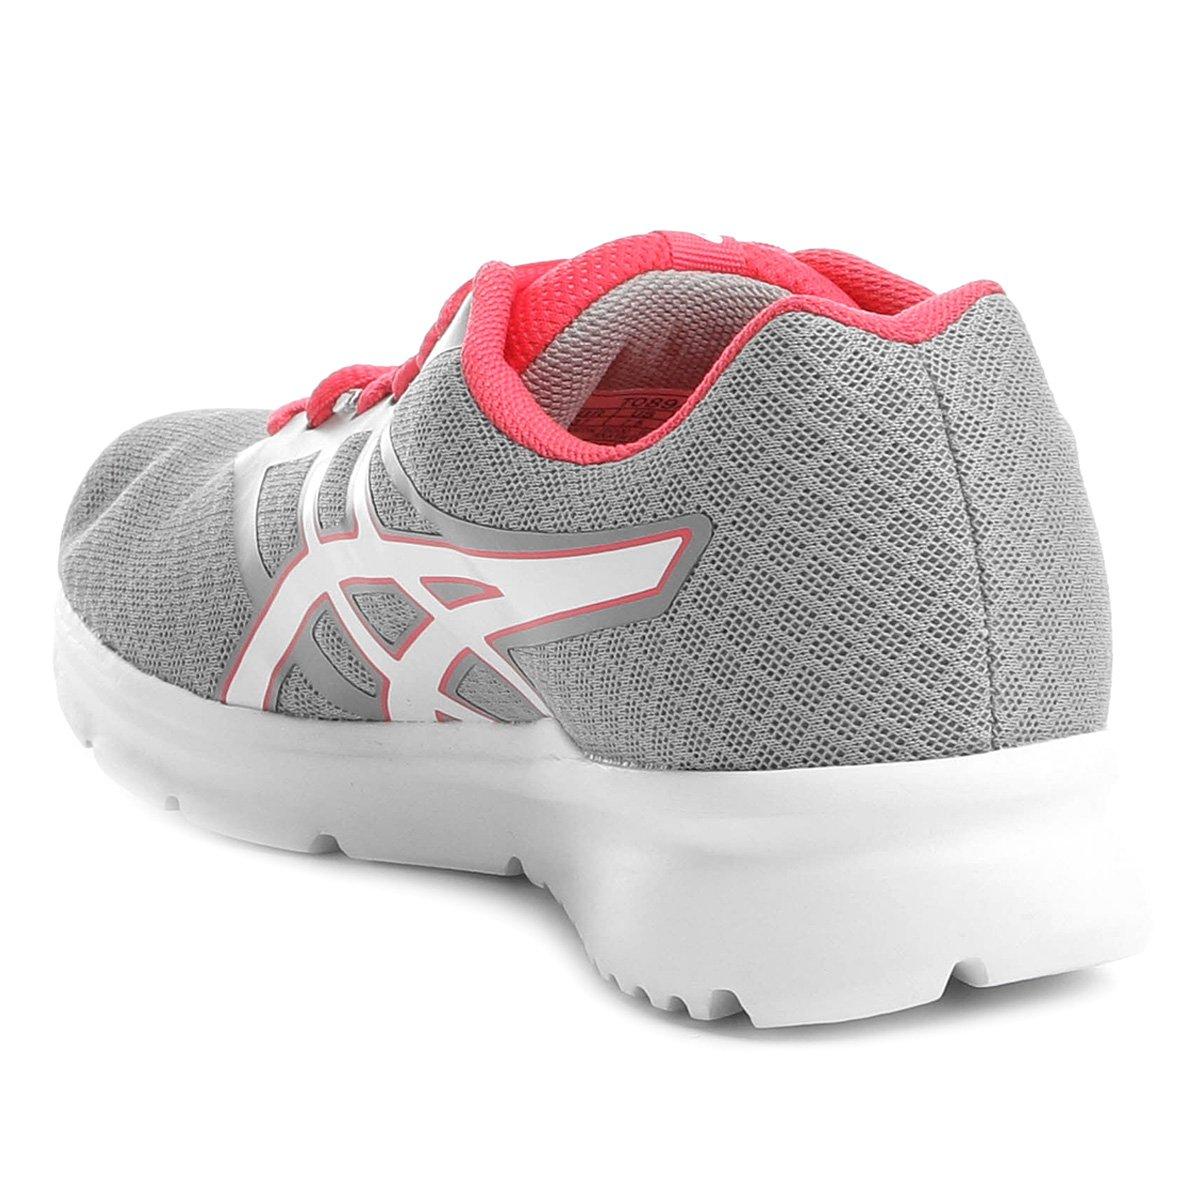 Tênis Asics Blocker Feminino - Prata e Rosa - Compre Agora  acda86e27aadb